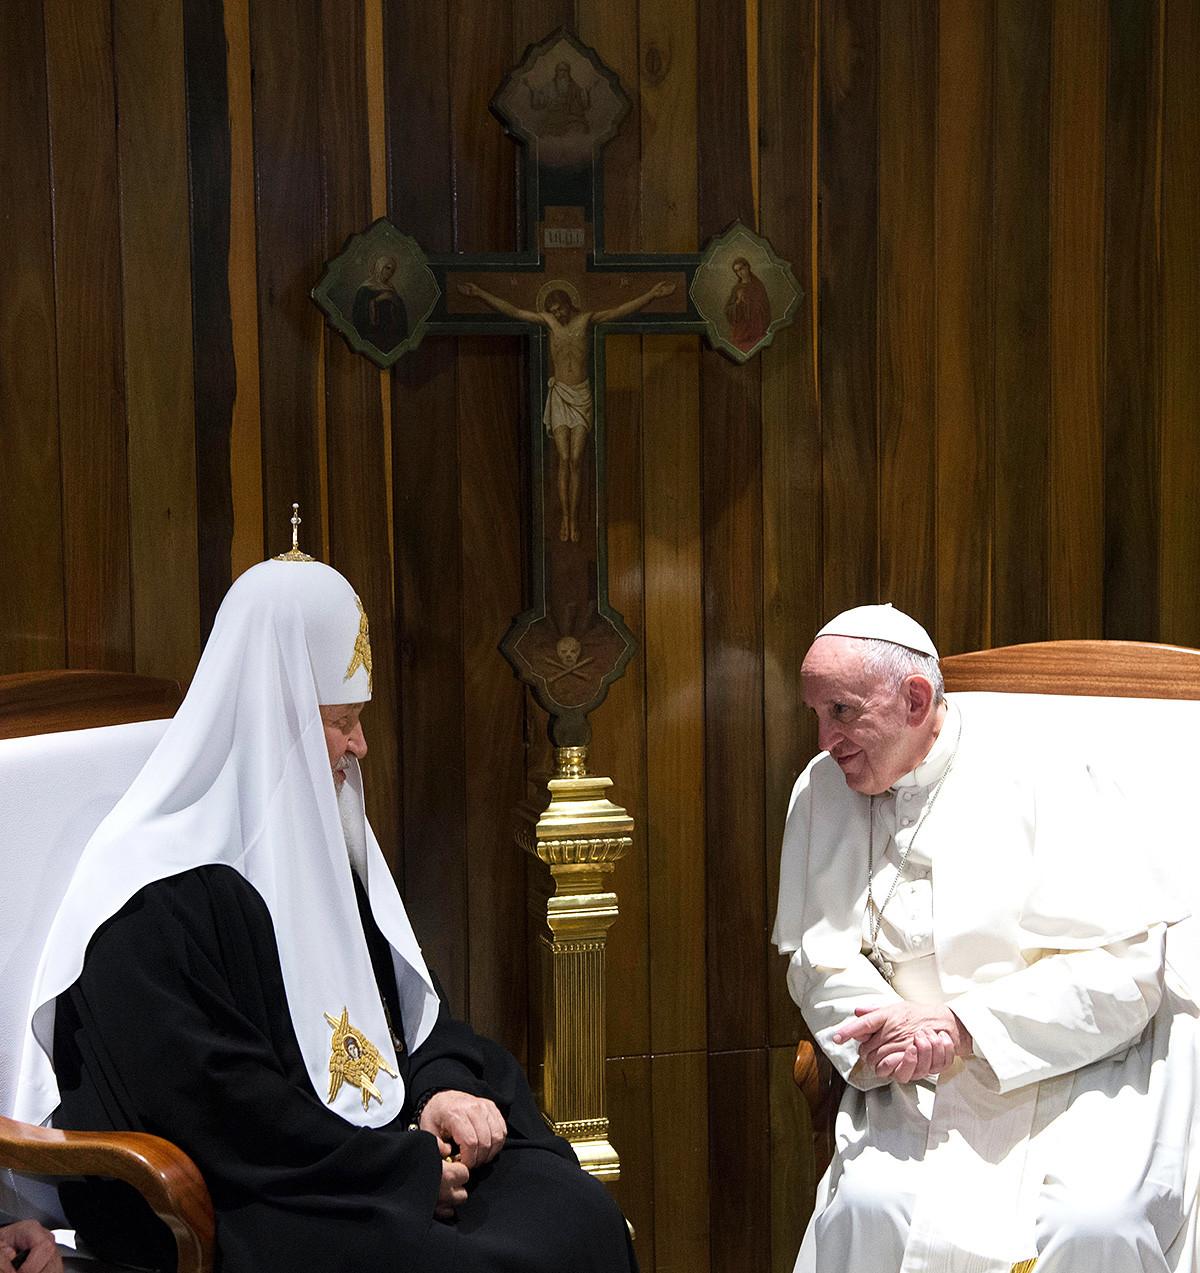 モスクワ総主教キリル1世(左)とローマ教皇フランシスコ (右)